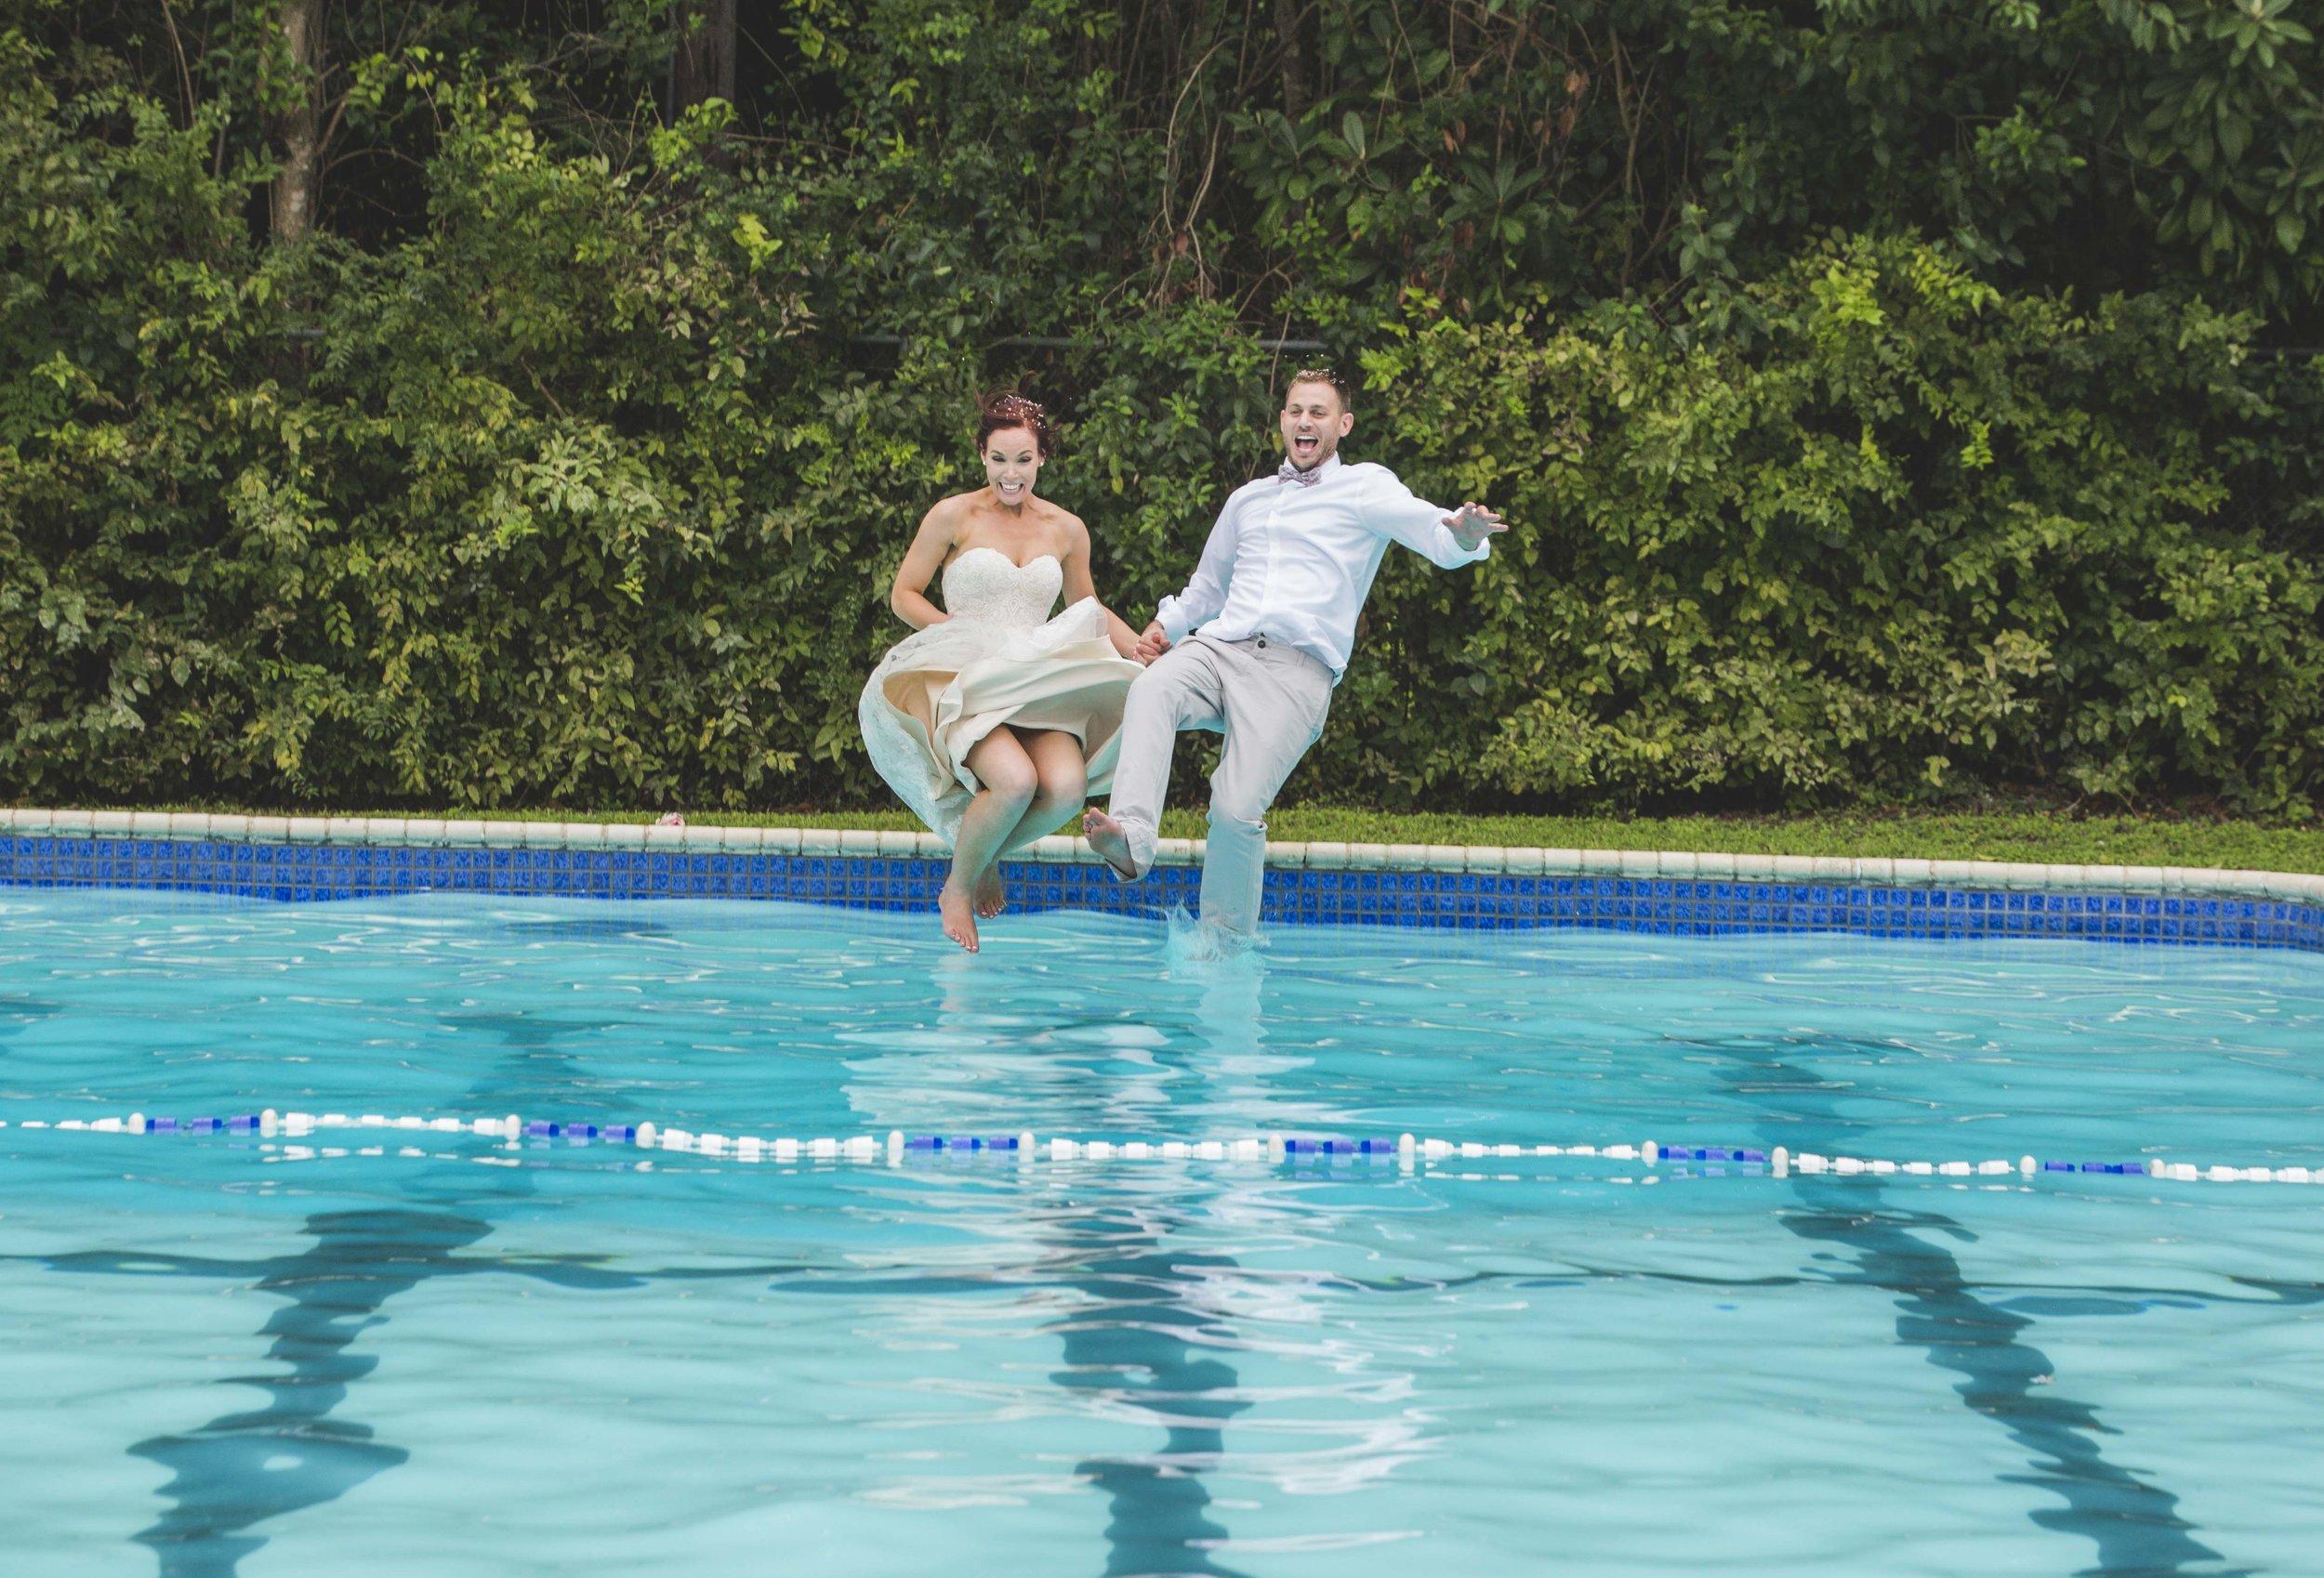 ATGI_Susanna & Matt Wedding_717A8853.jpg